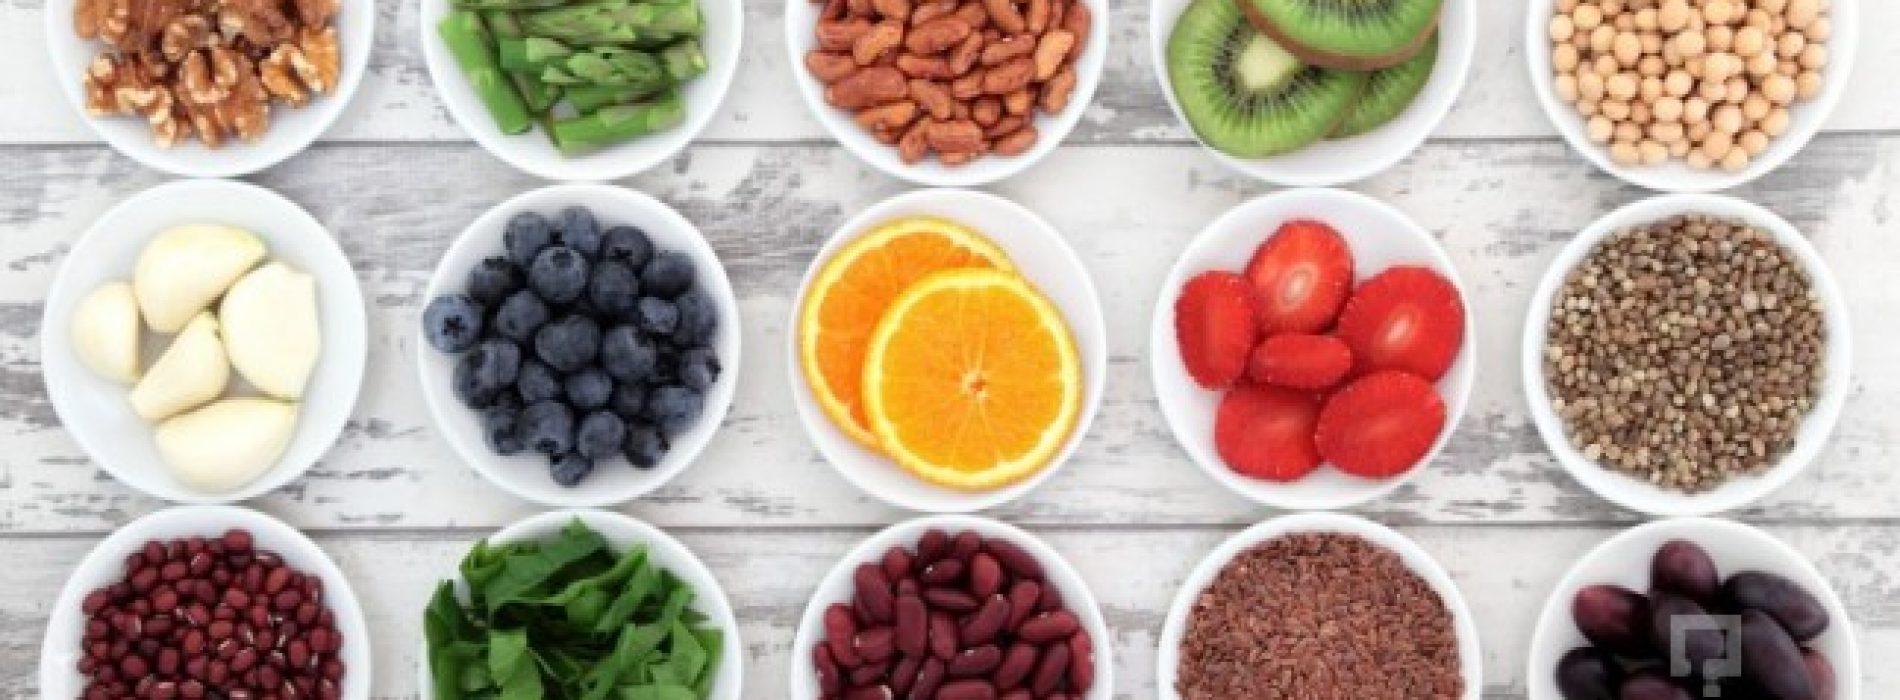 fin-4 Diyet Ürünleri ve Diyet Yemekleri Dosyası